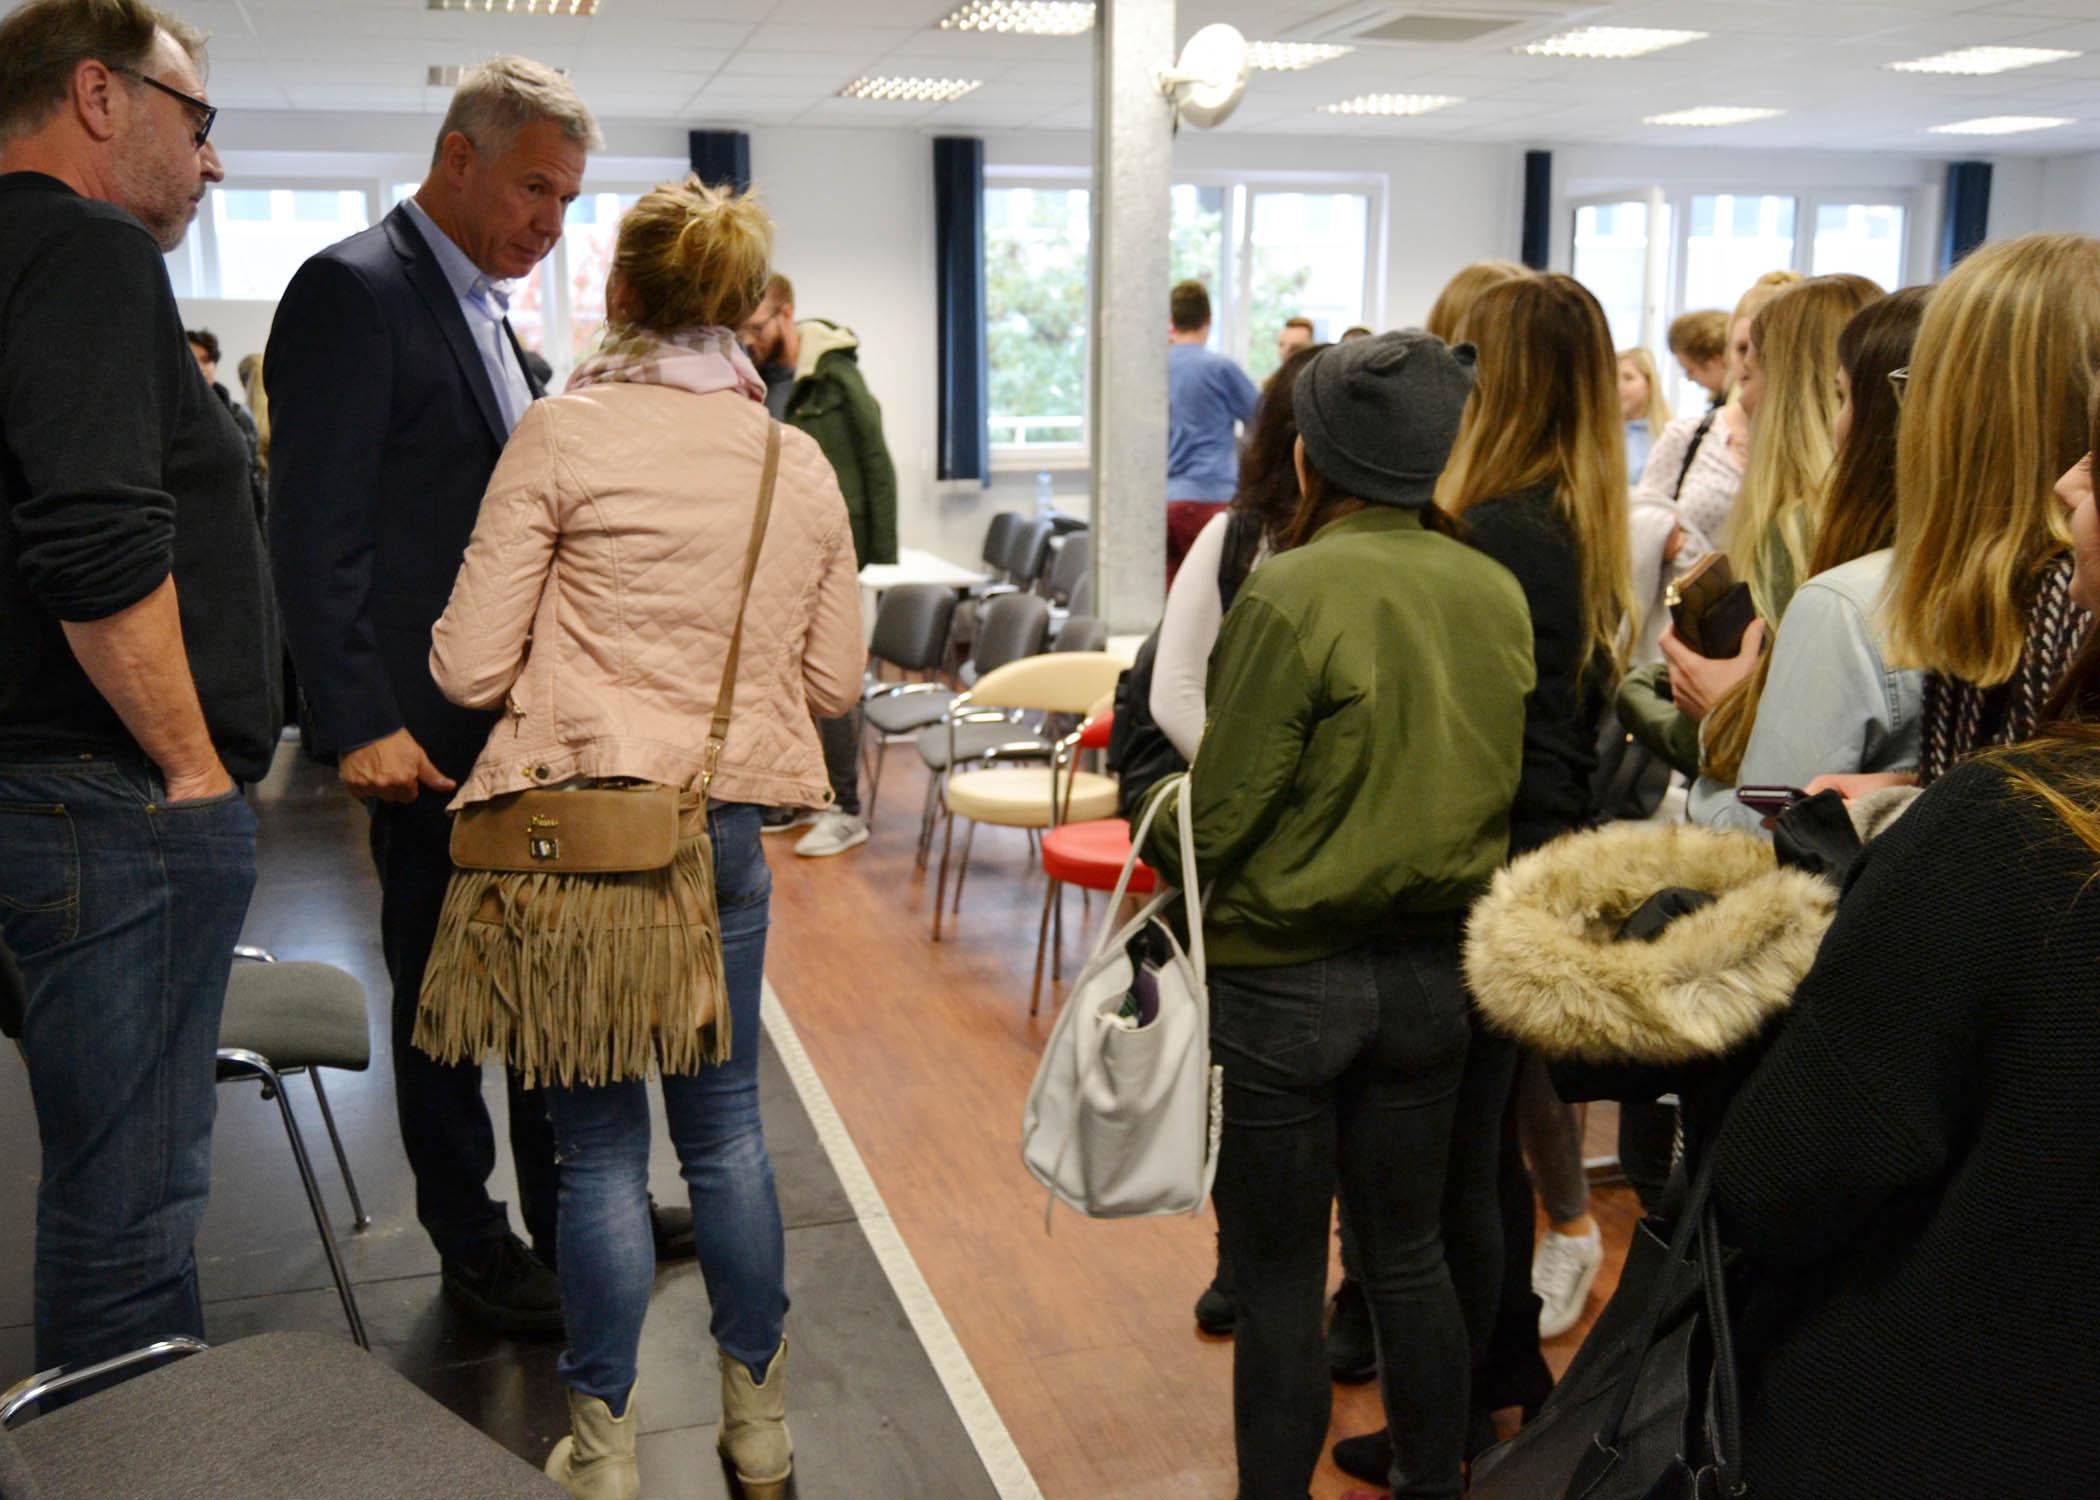 Der langjährige RTL Aktuell Anchorman nahm sich trotz straffer Agenda nach dem Gespräch noch Zeit für weitere Fragen der Studierenden...